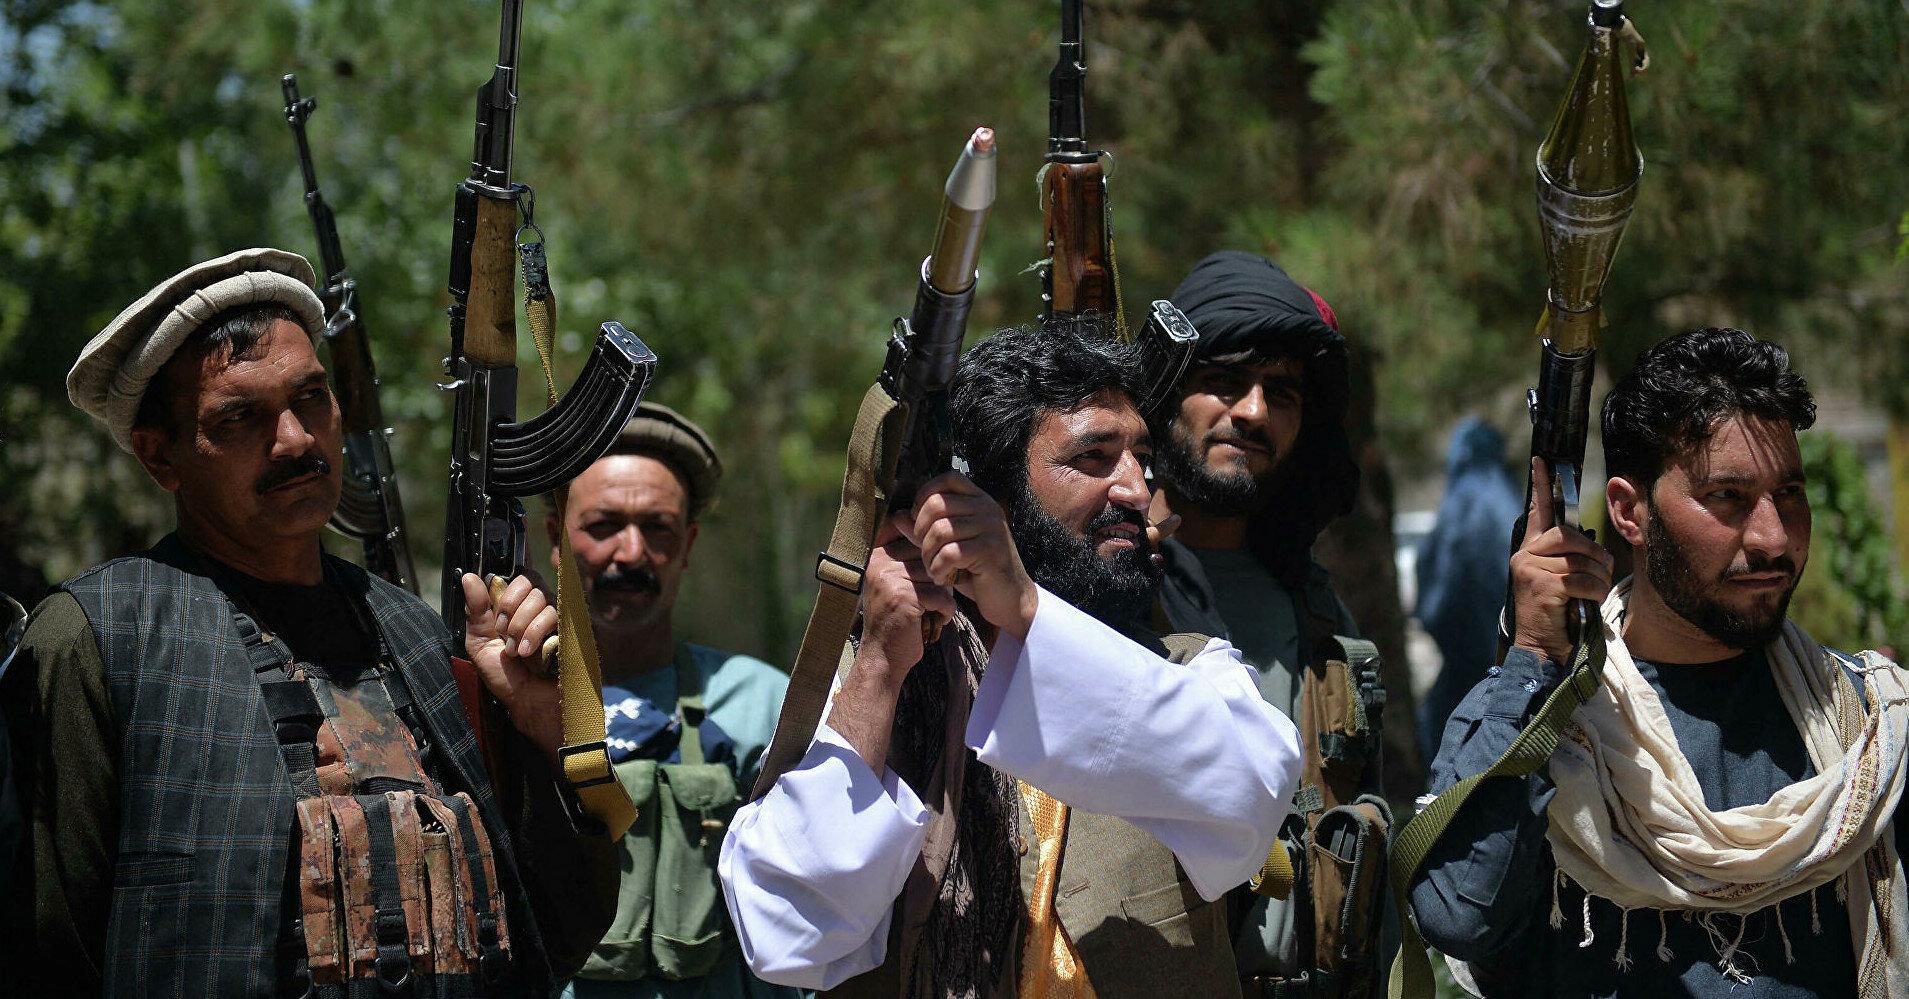 СМИ опубликовали видео расстрела талибами безоружных пленных